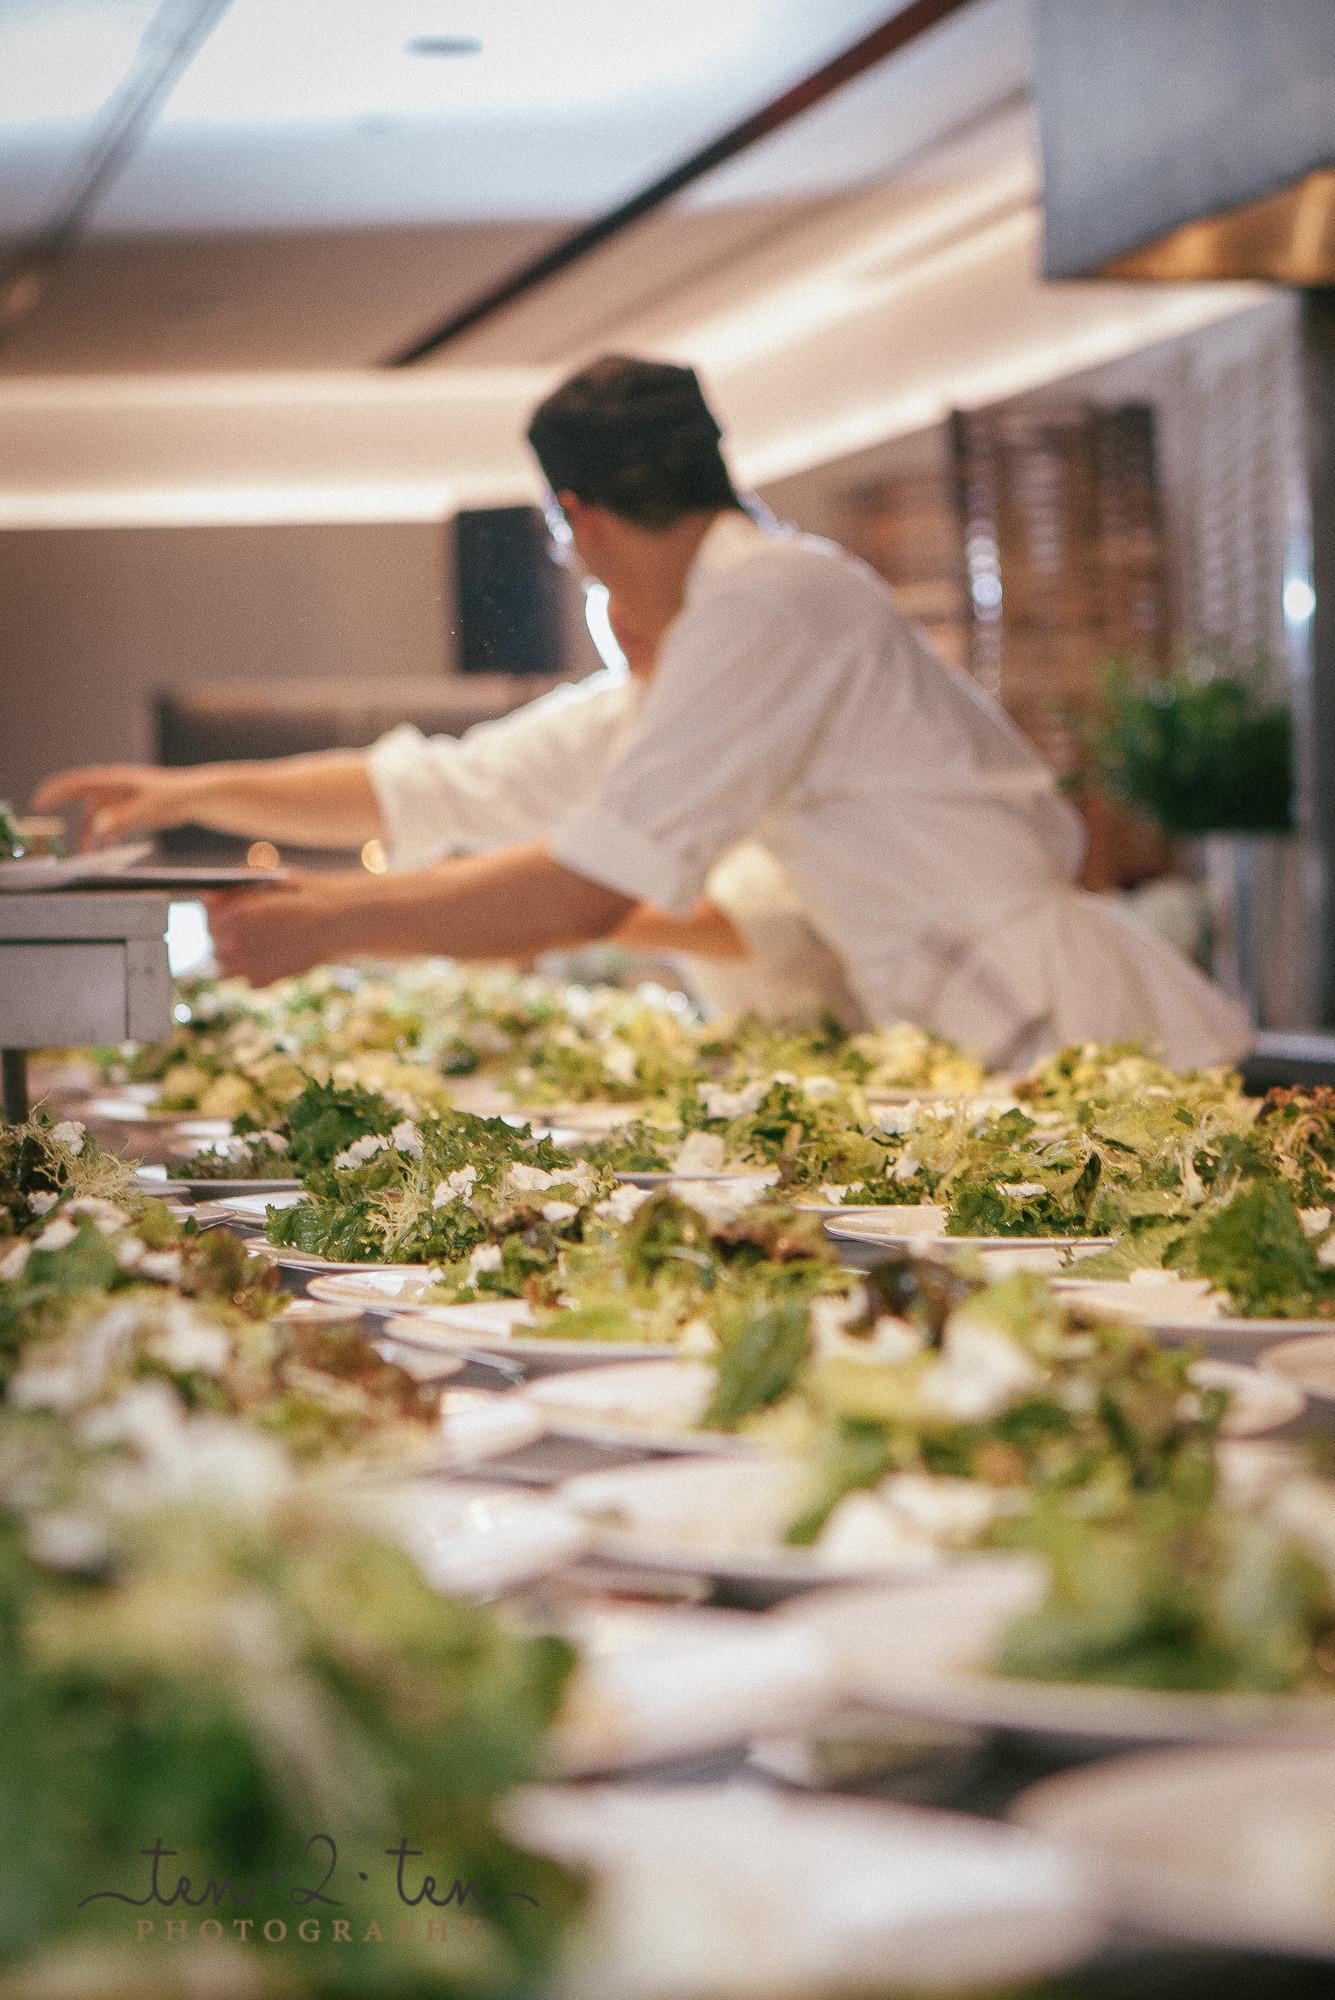 mildreds temple kitchen wedding photos 442 - Mildred's Temple Kitchen Wedding Photos